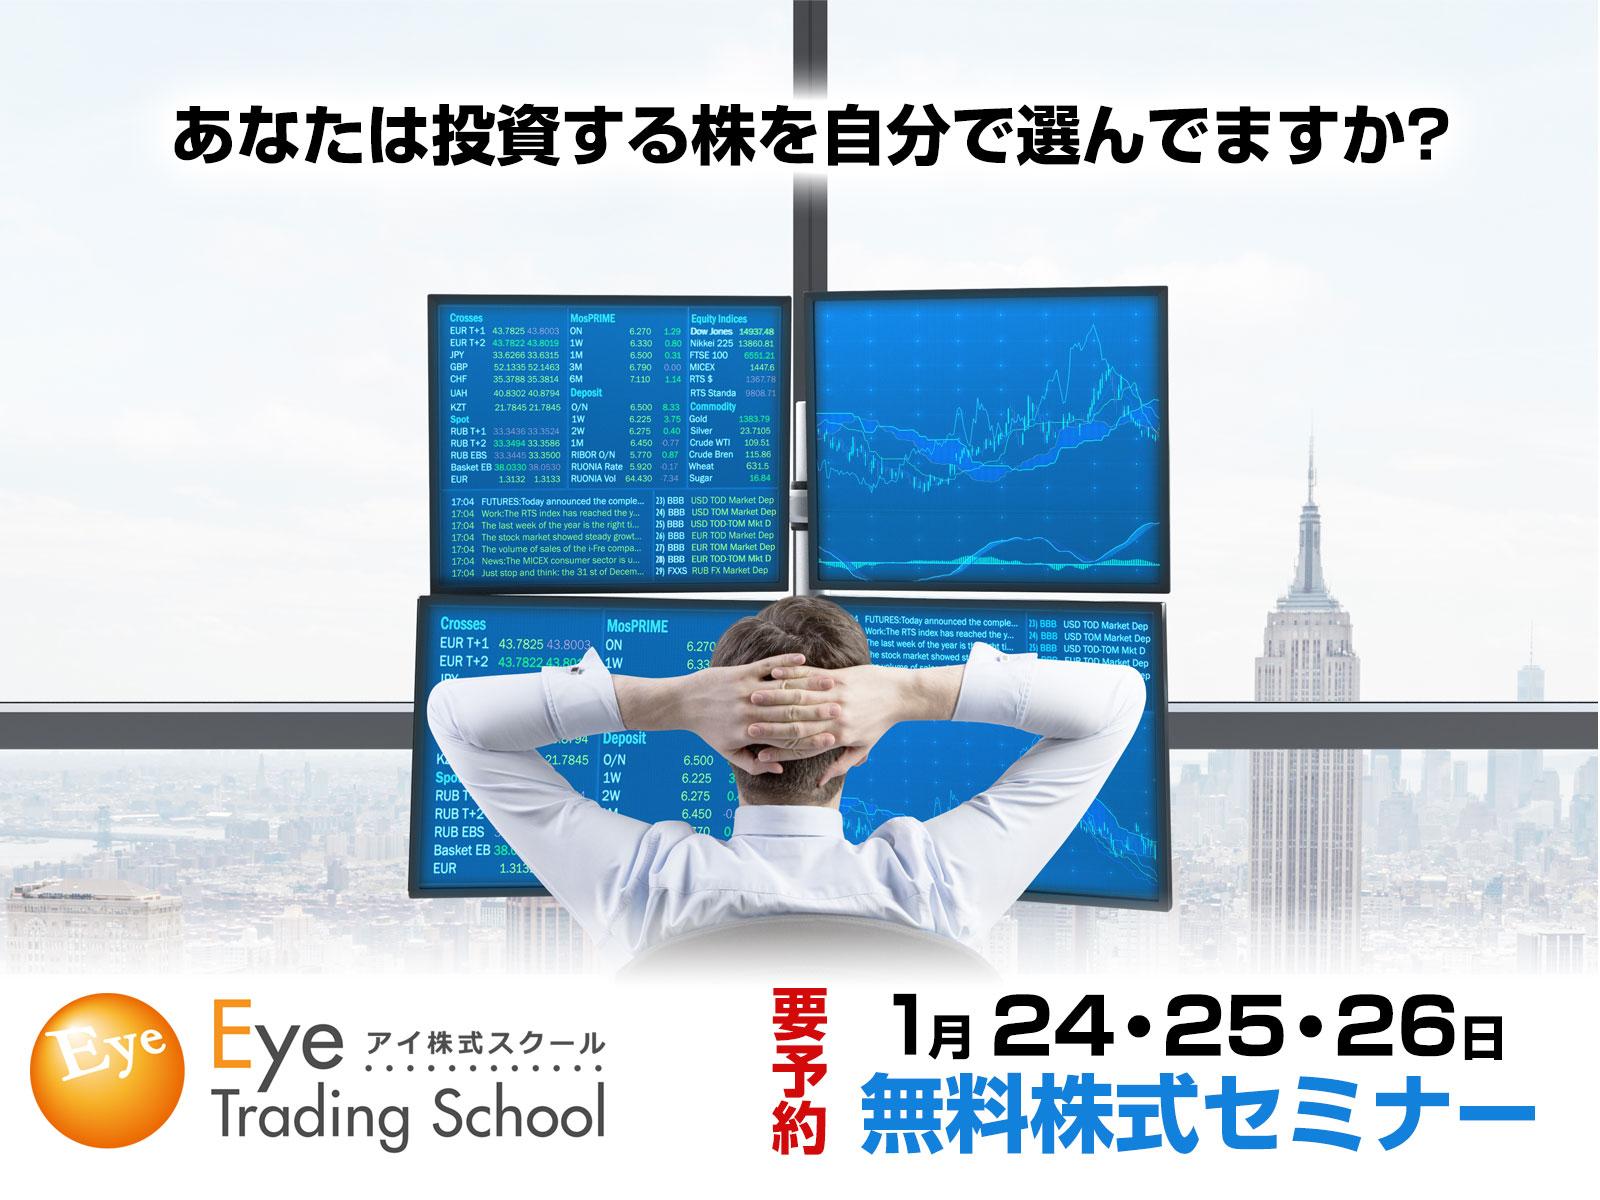 株価チャートを眺めて、頭を抱えて考え込む男性投資家の後ろ姿